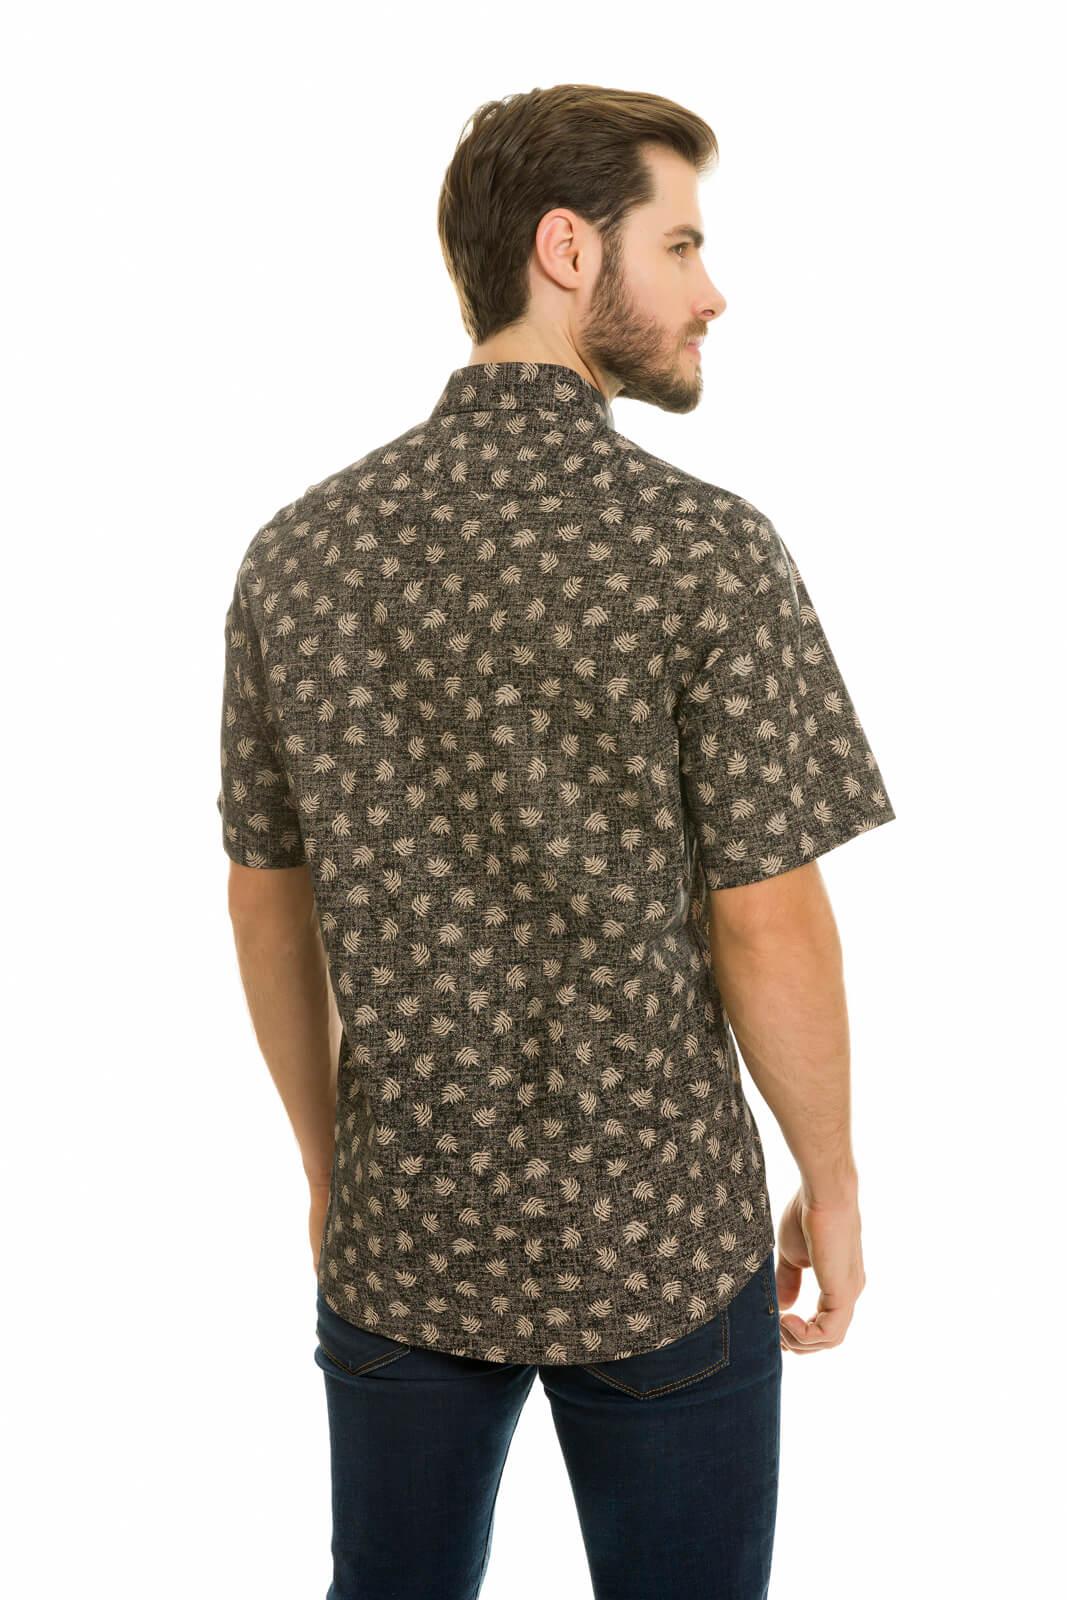 Camisa Social Masculina Olimpo Slim Estampada 100% Algodão Fio 50 Manga Curta Preta Floral